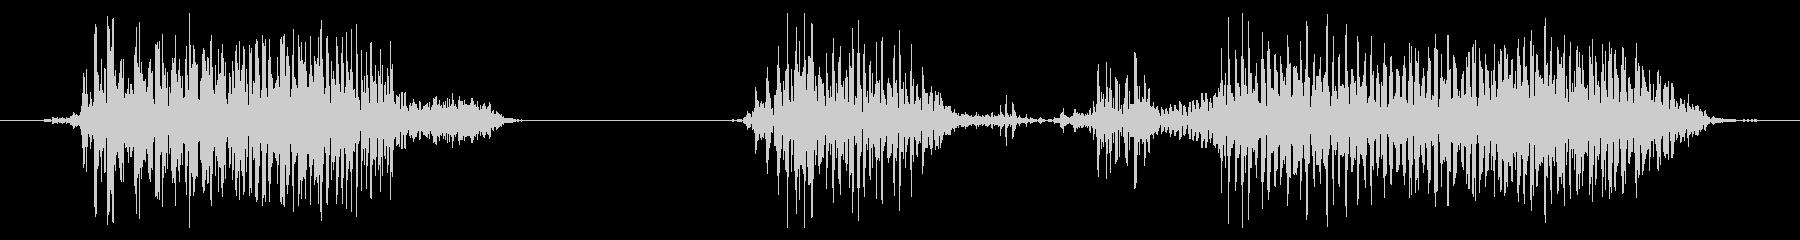 ゴリラ モンスター ゲーム コンテニューの未再生の波形